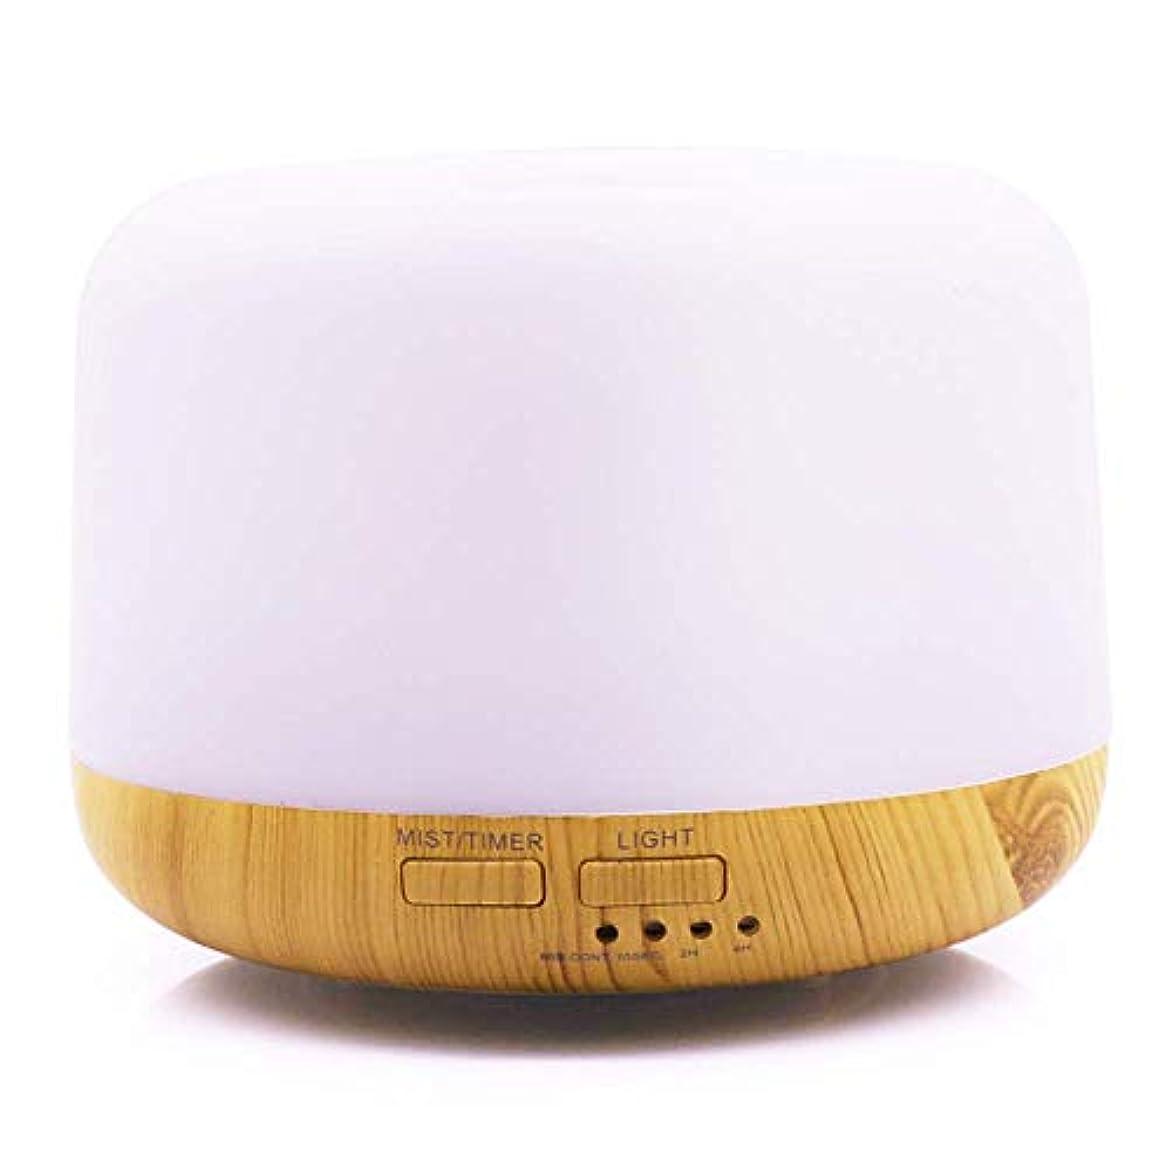 スクレーパー合理的キャメル超音波カラフルなライトアロマテラピーマシンLED照明パンの加湿器ホームオフィスの美しさ,Natural